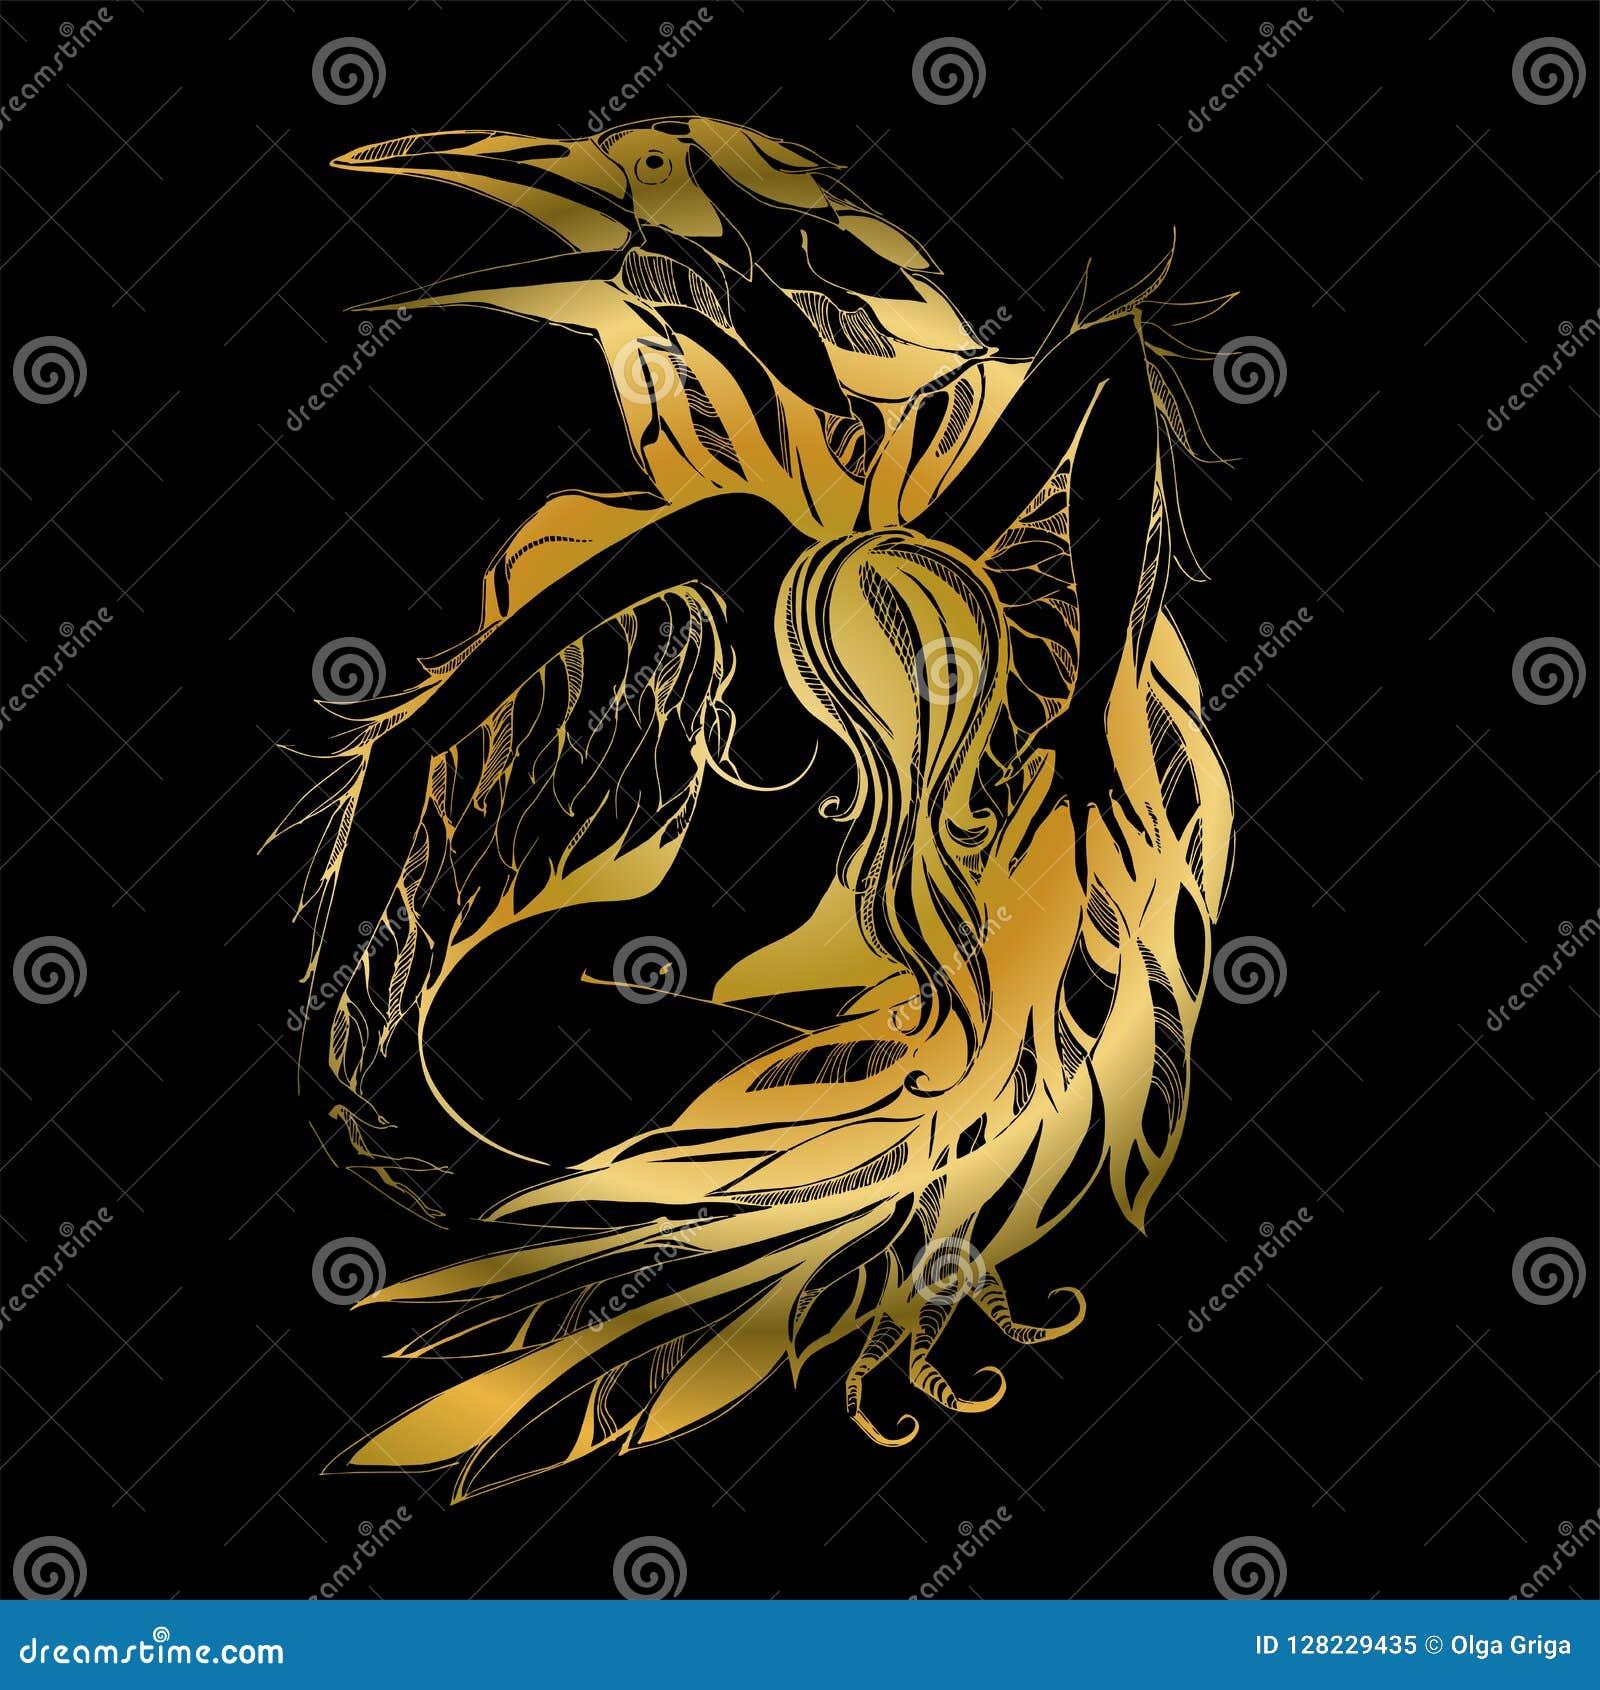 Raven et ange dessins or défenseur Le patron du vecteur